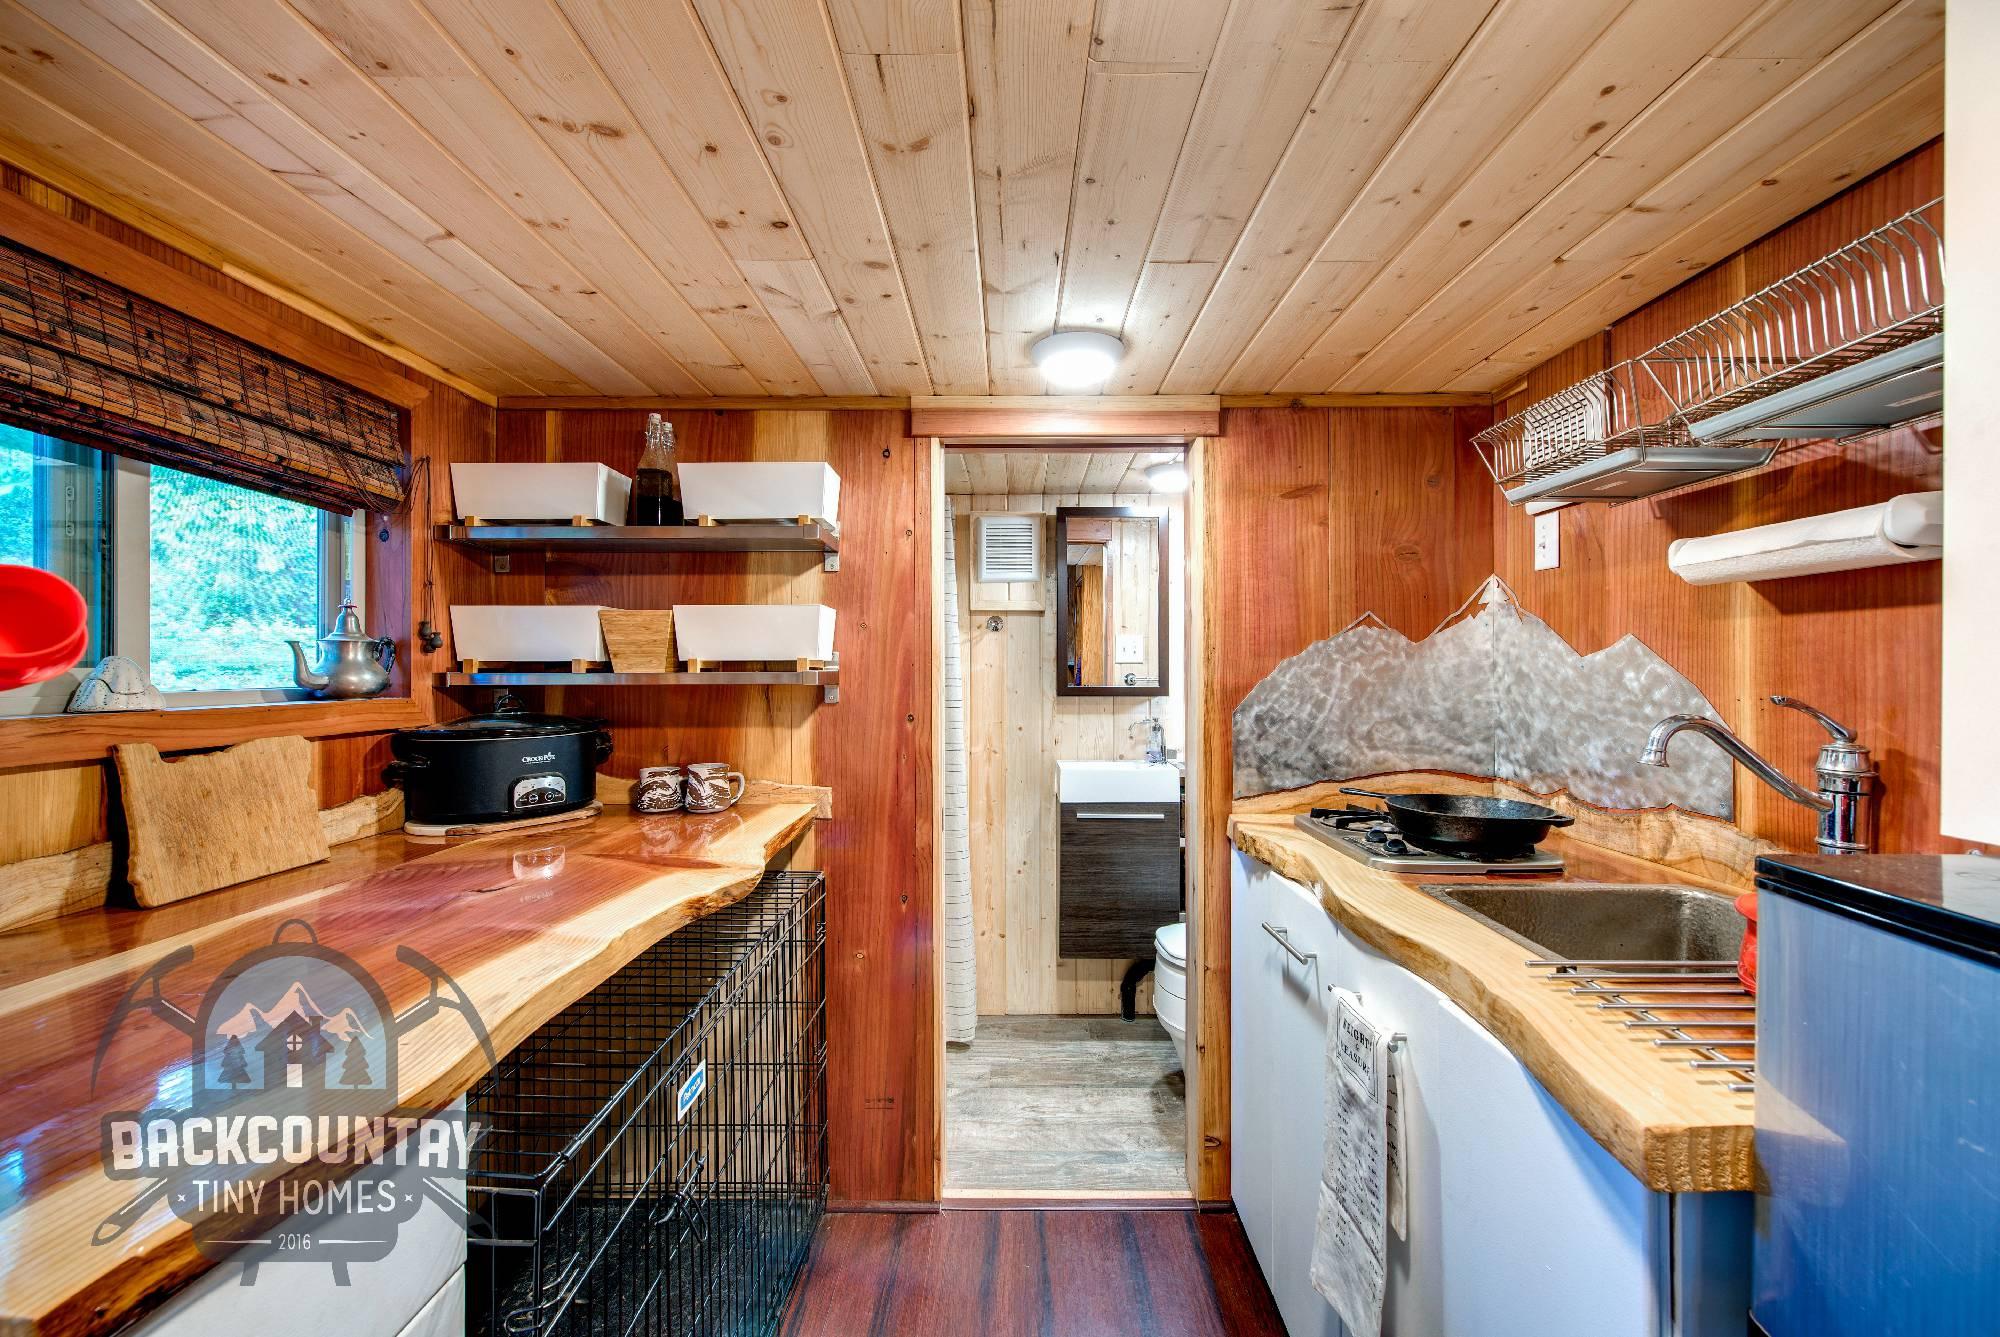 Backcountry Basecamp Tiny House kitchen